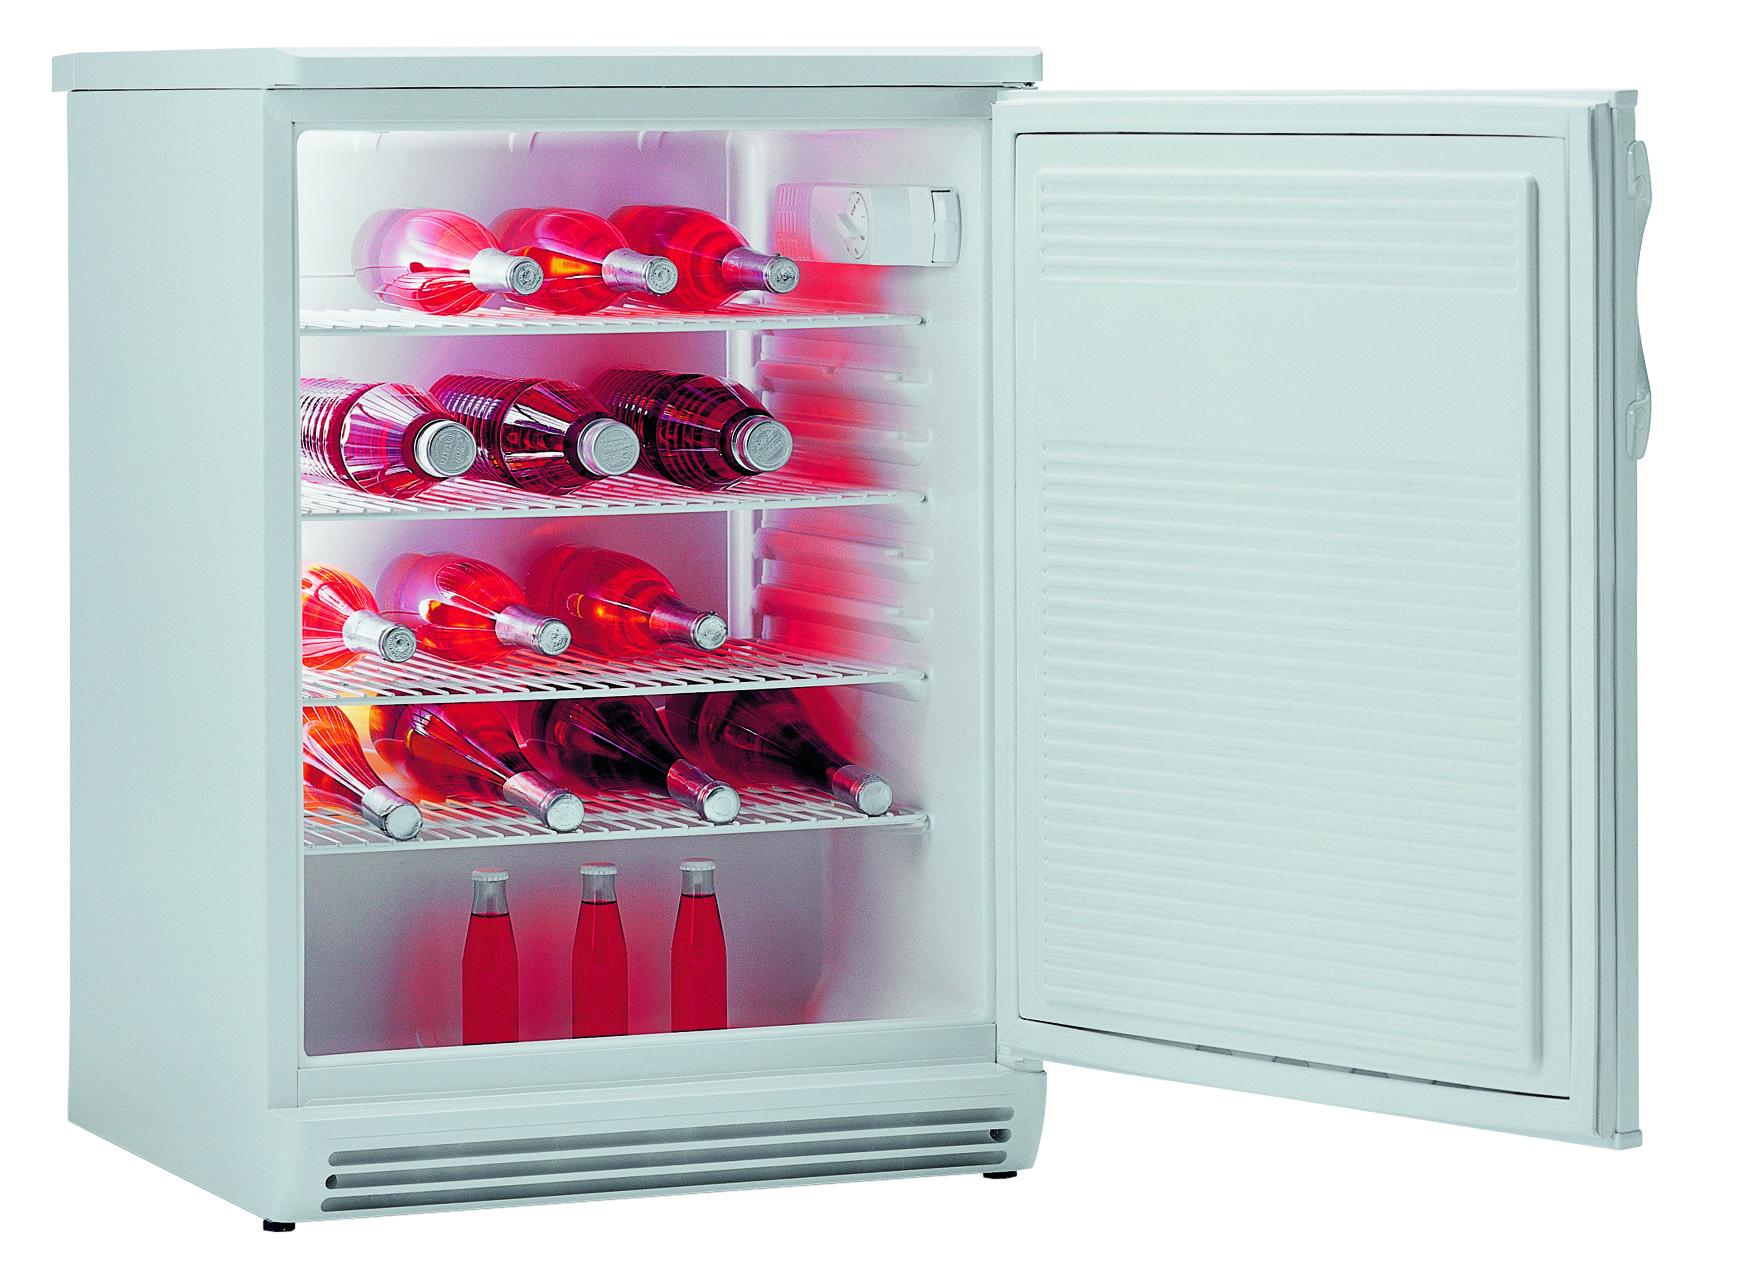 Gorenje Einbau Kühlschrank 122 Cm : Gorenje rvc w stand flaschenkühlschrank energieeffizienzklasse